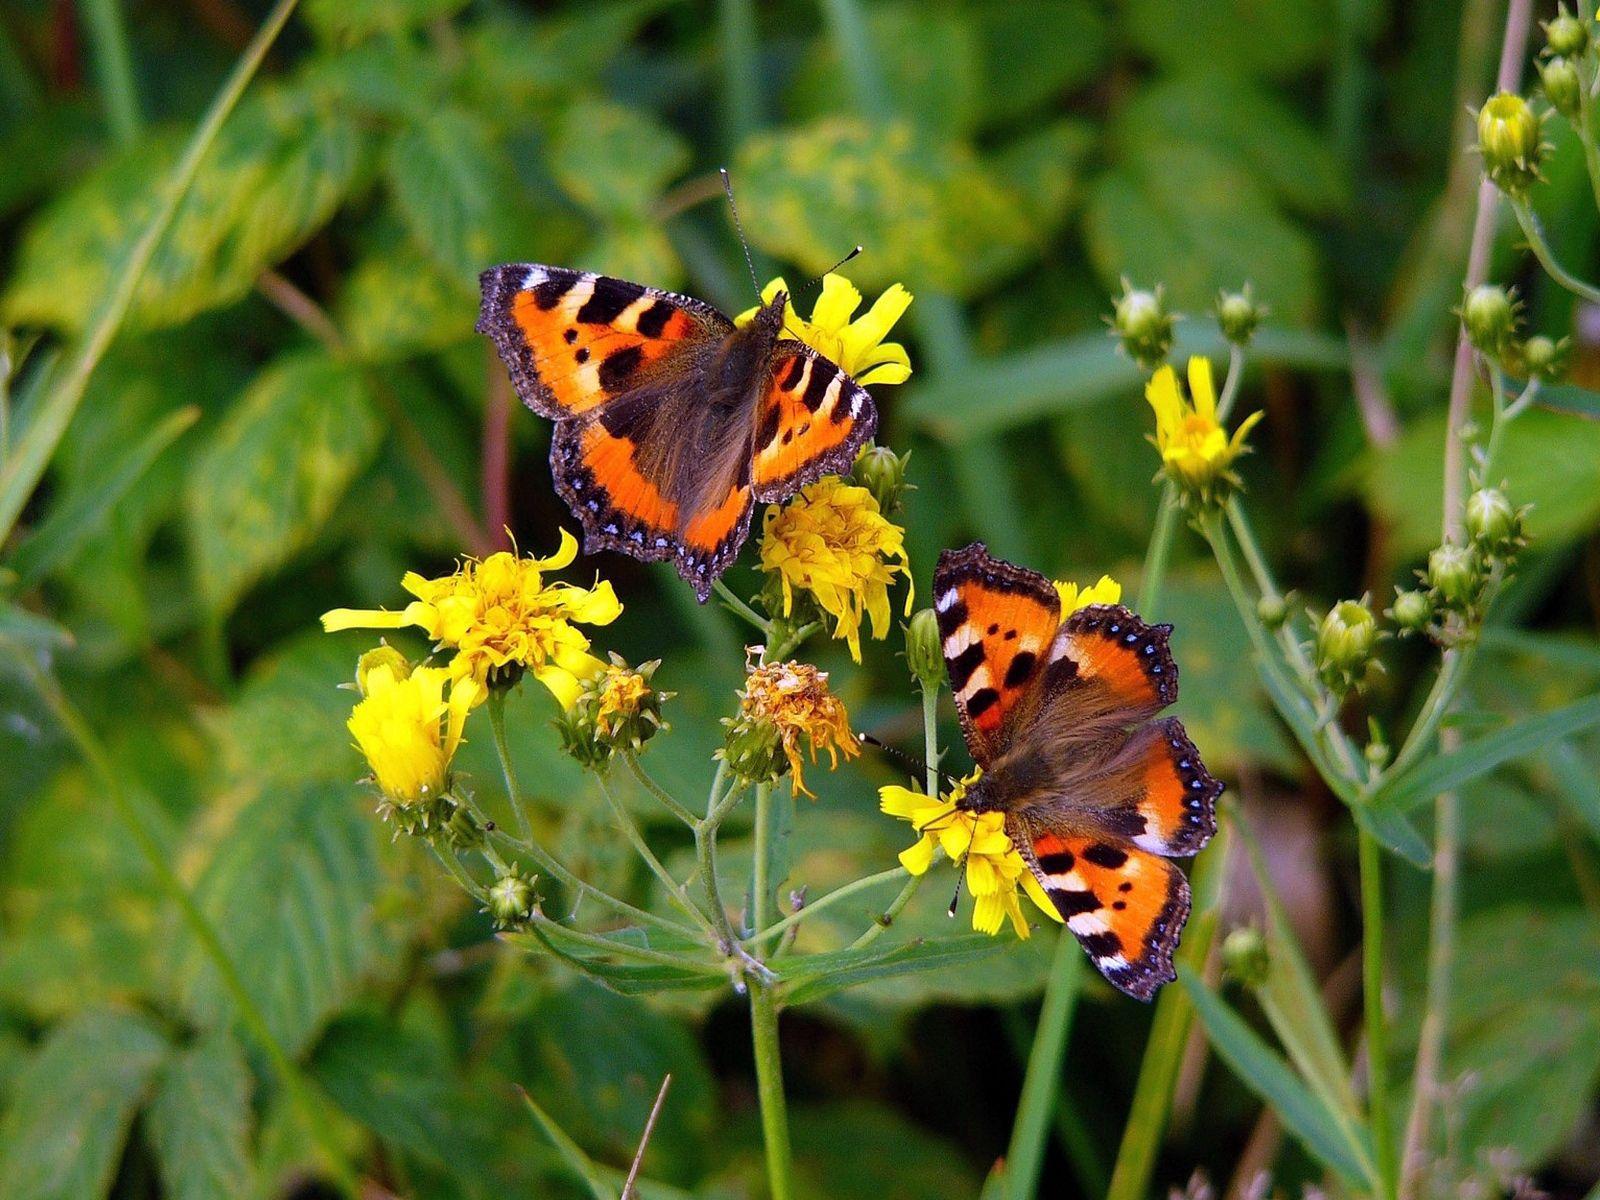 156427 Hintergrundbild herunterladen Schmetterlinge, Blumen, Grass, Makro, Sitzen, Flug - Bildschirmschoner und Bilder kostenlos